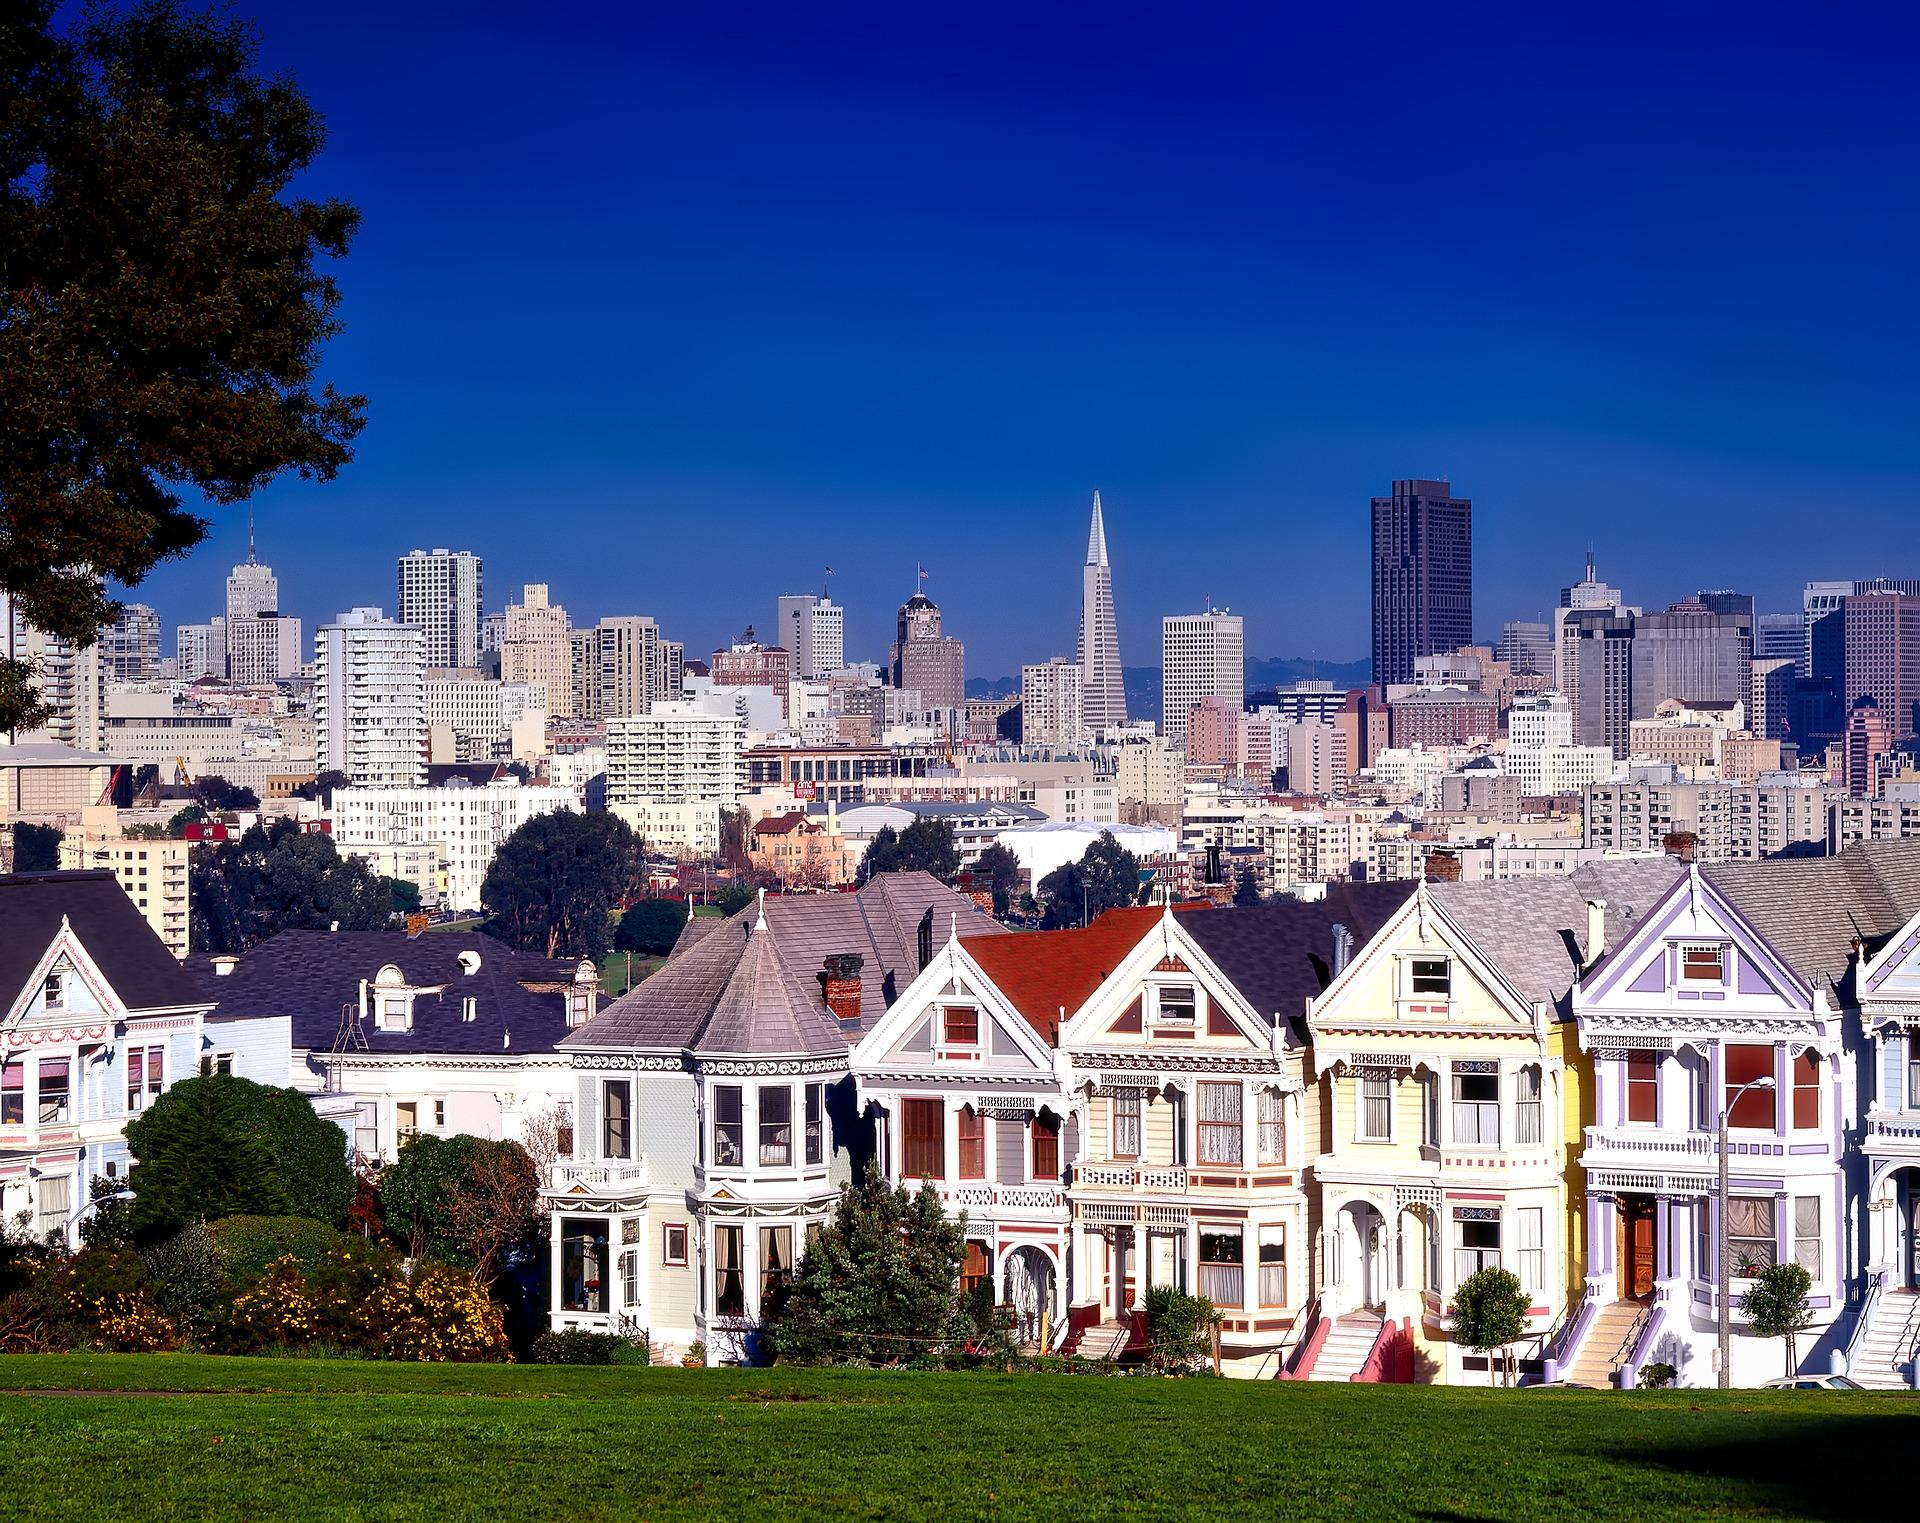 Immer mehr chinesische Krypto-Investoren greifen zu Immobilien in San Franciso